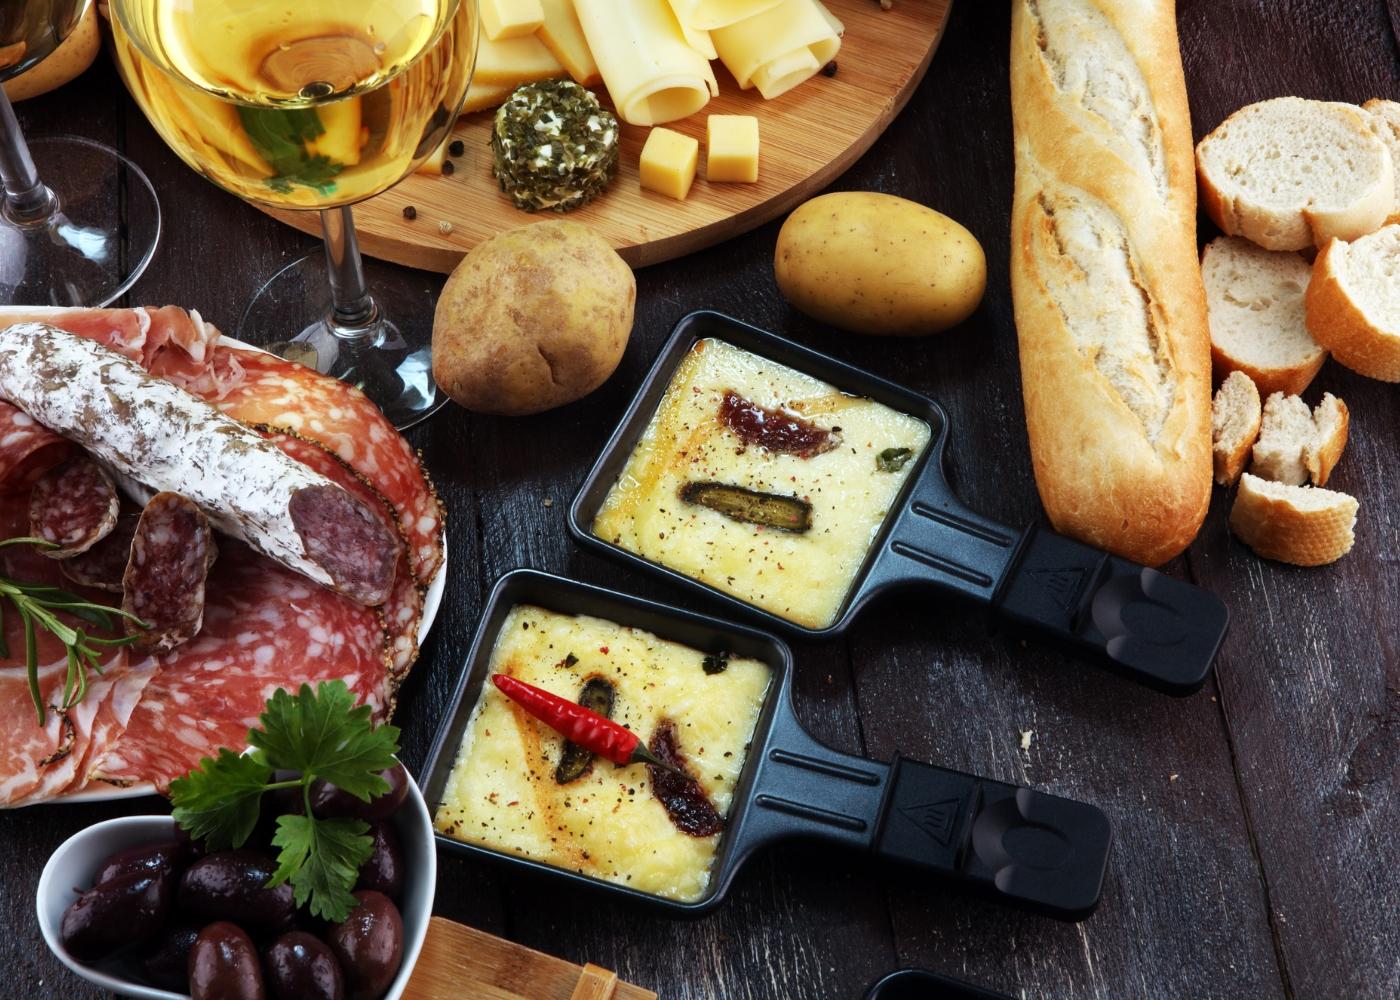 Receita de raclette com enchidos